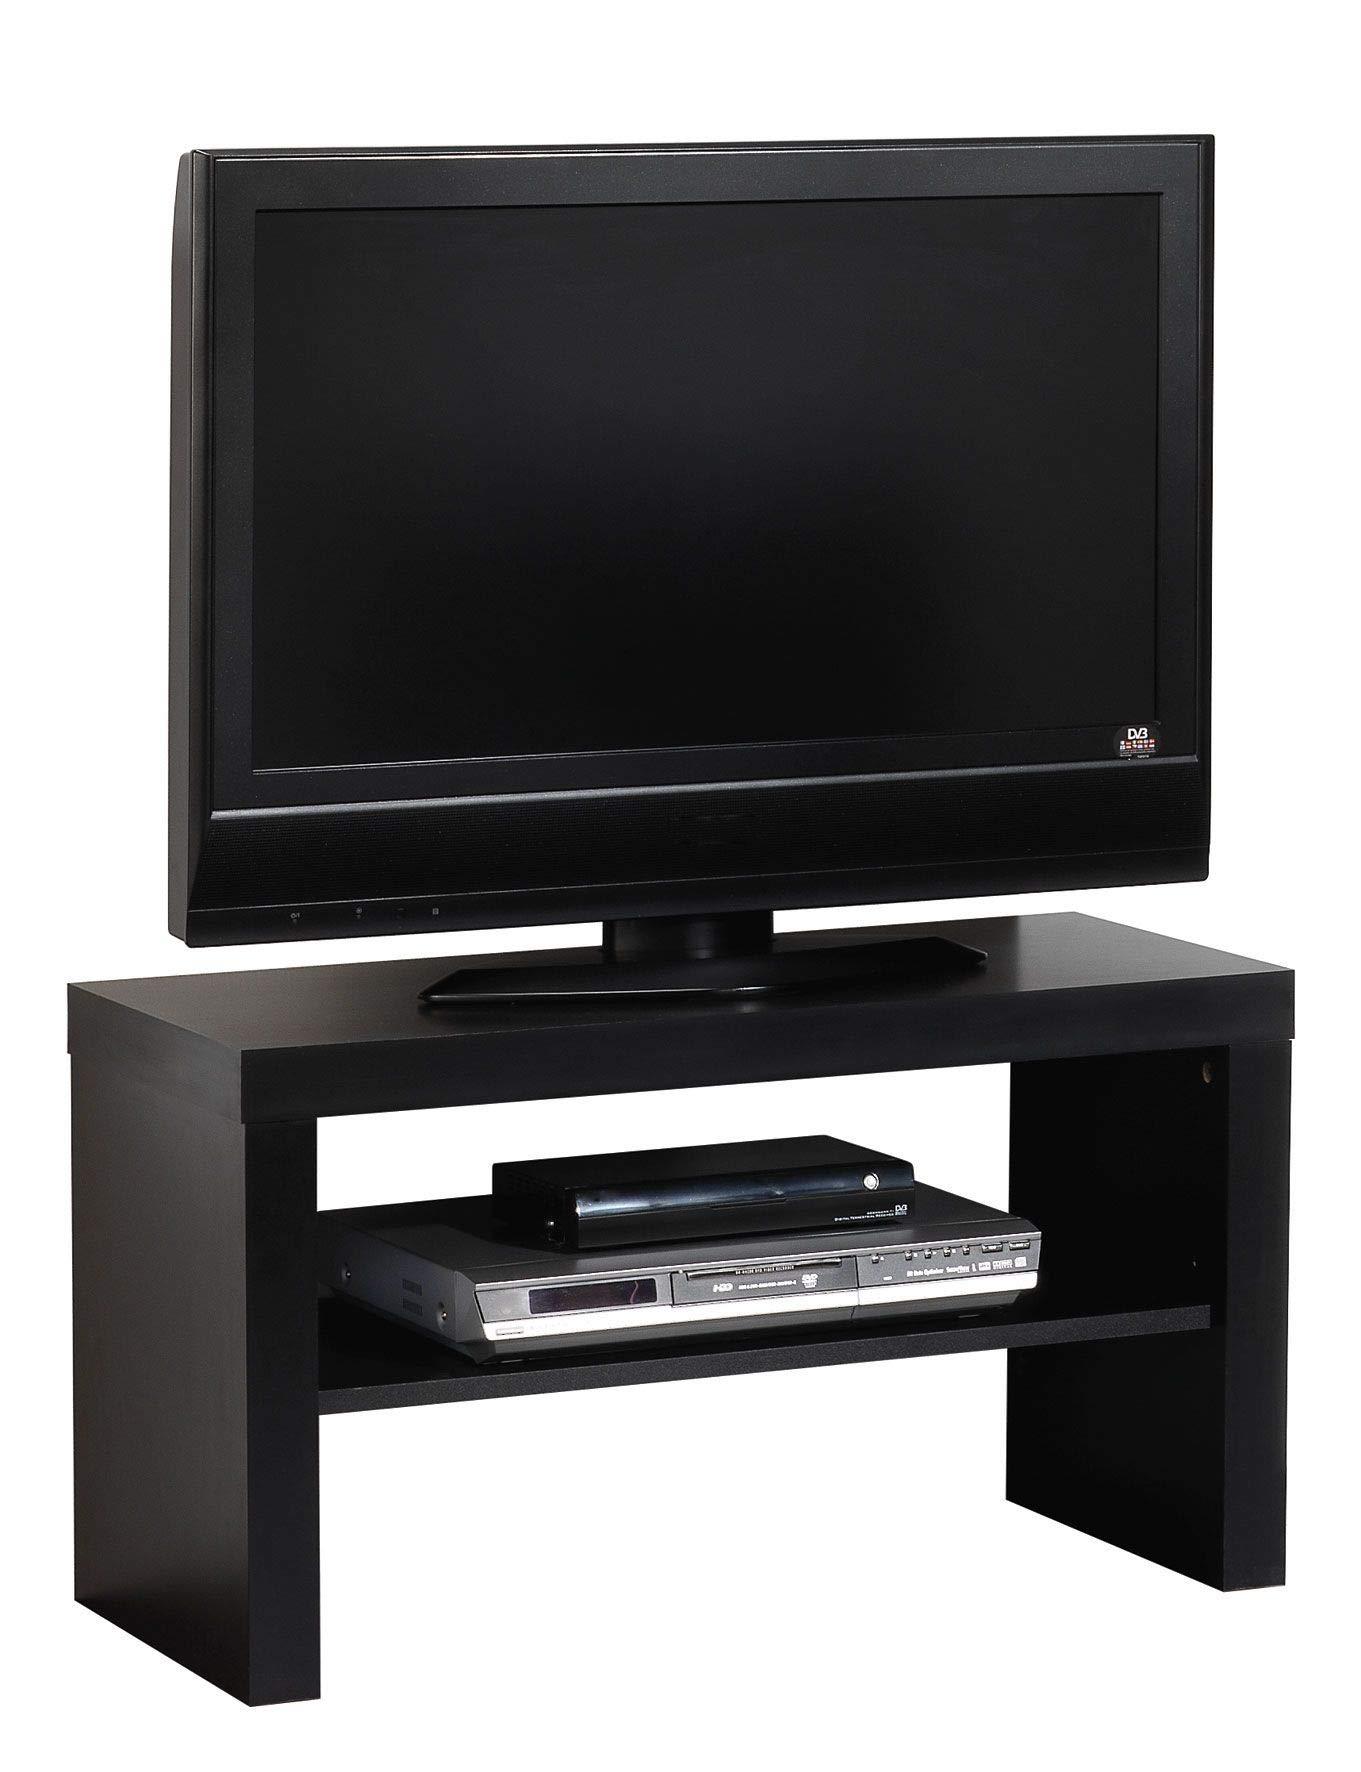 Miroytengo Mueble TV Salon TREC modulo bajo Multimedia Estilo Moderno Color Negro Comedor melamina 40x80x40 cm: Amazon.es: Hogar